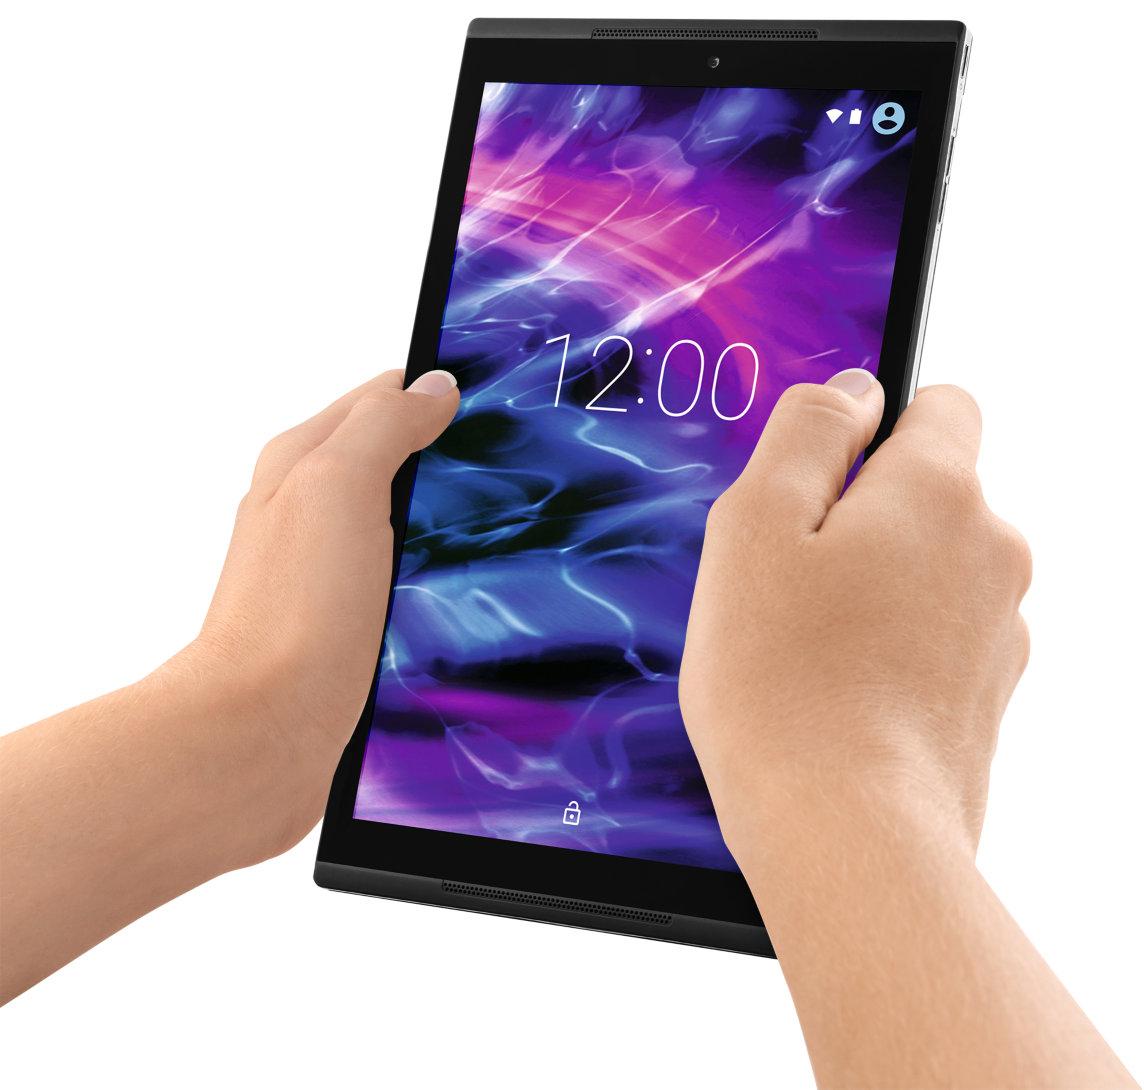 MEDION, 25,7cm/10,1 Tablet LIFETAB S10351 schwarz, HD-Display, 16 GB Speicher, LTE, Android 5.0, Schwarz + 10€ Startguthaben Aldi Talk [Alditalk/Medion]